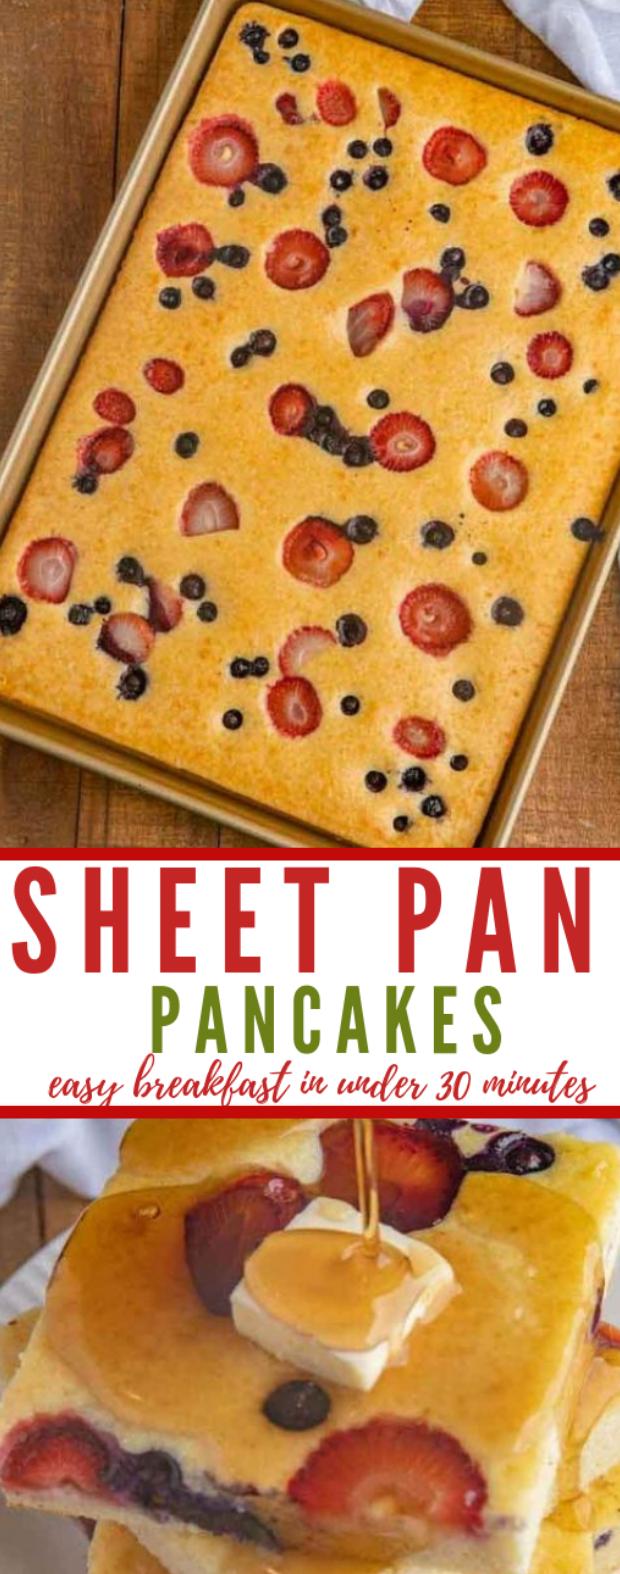 SHEET PAN PANCAKES #cake #pancake #desserts #easy #paleo